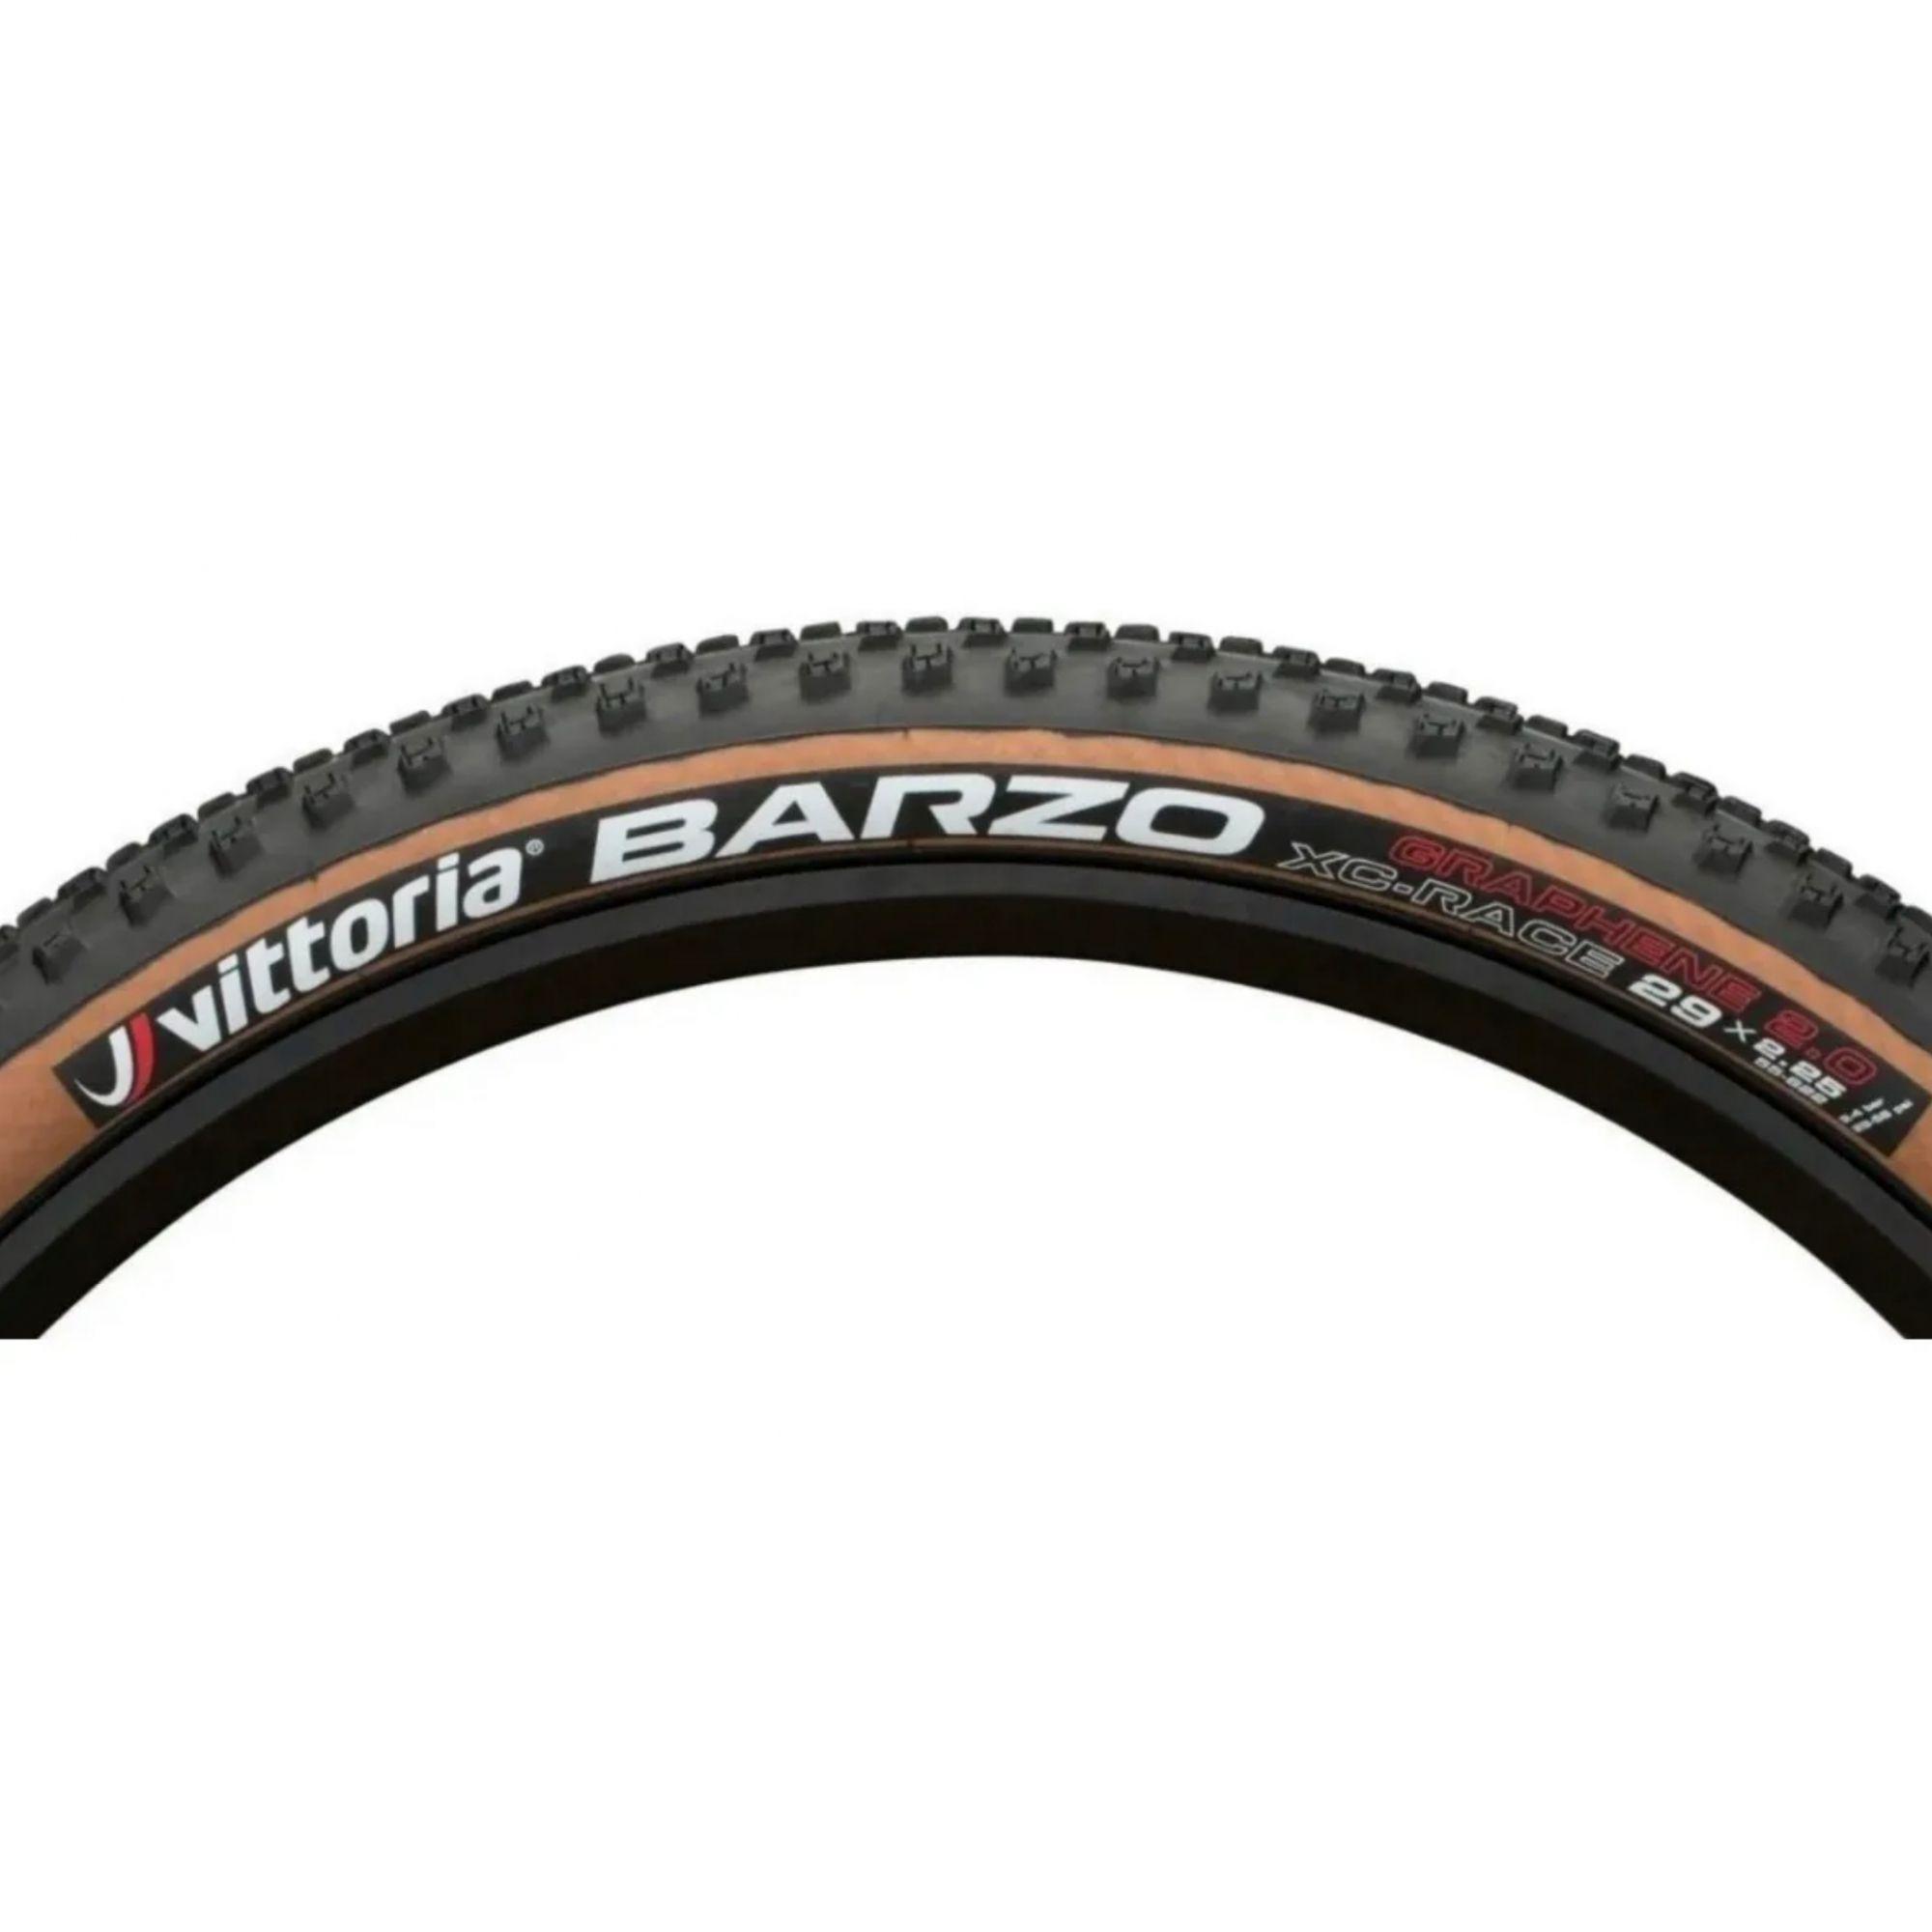 Pneu Vittoria Terreno Xc Race 29x2.25 + Barzo Xc 29x2.25